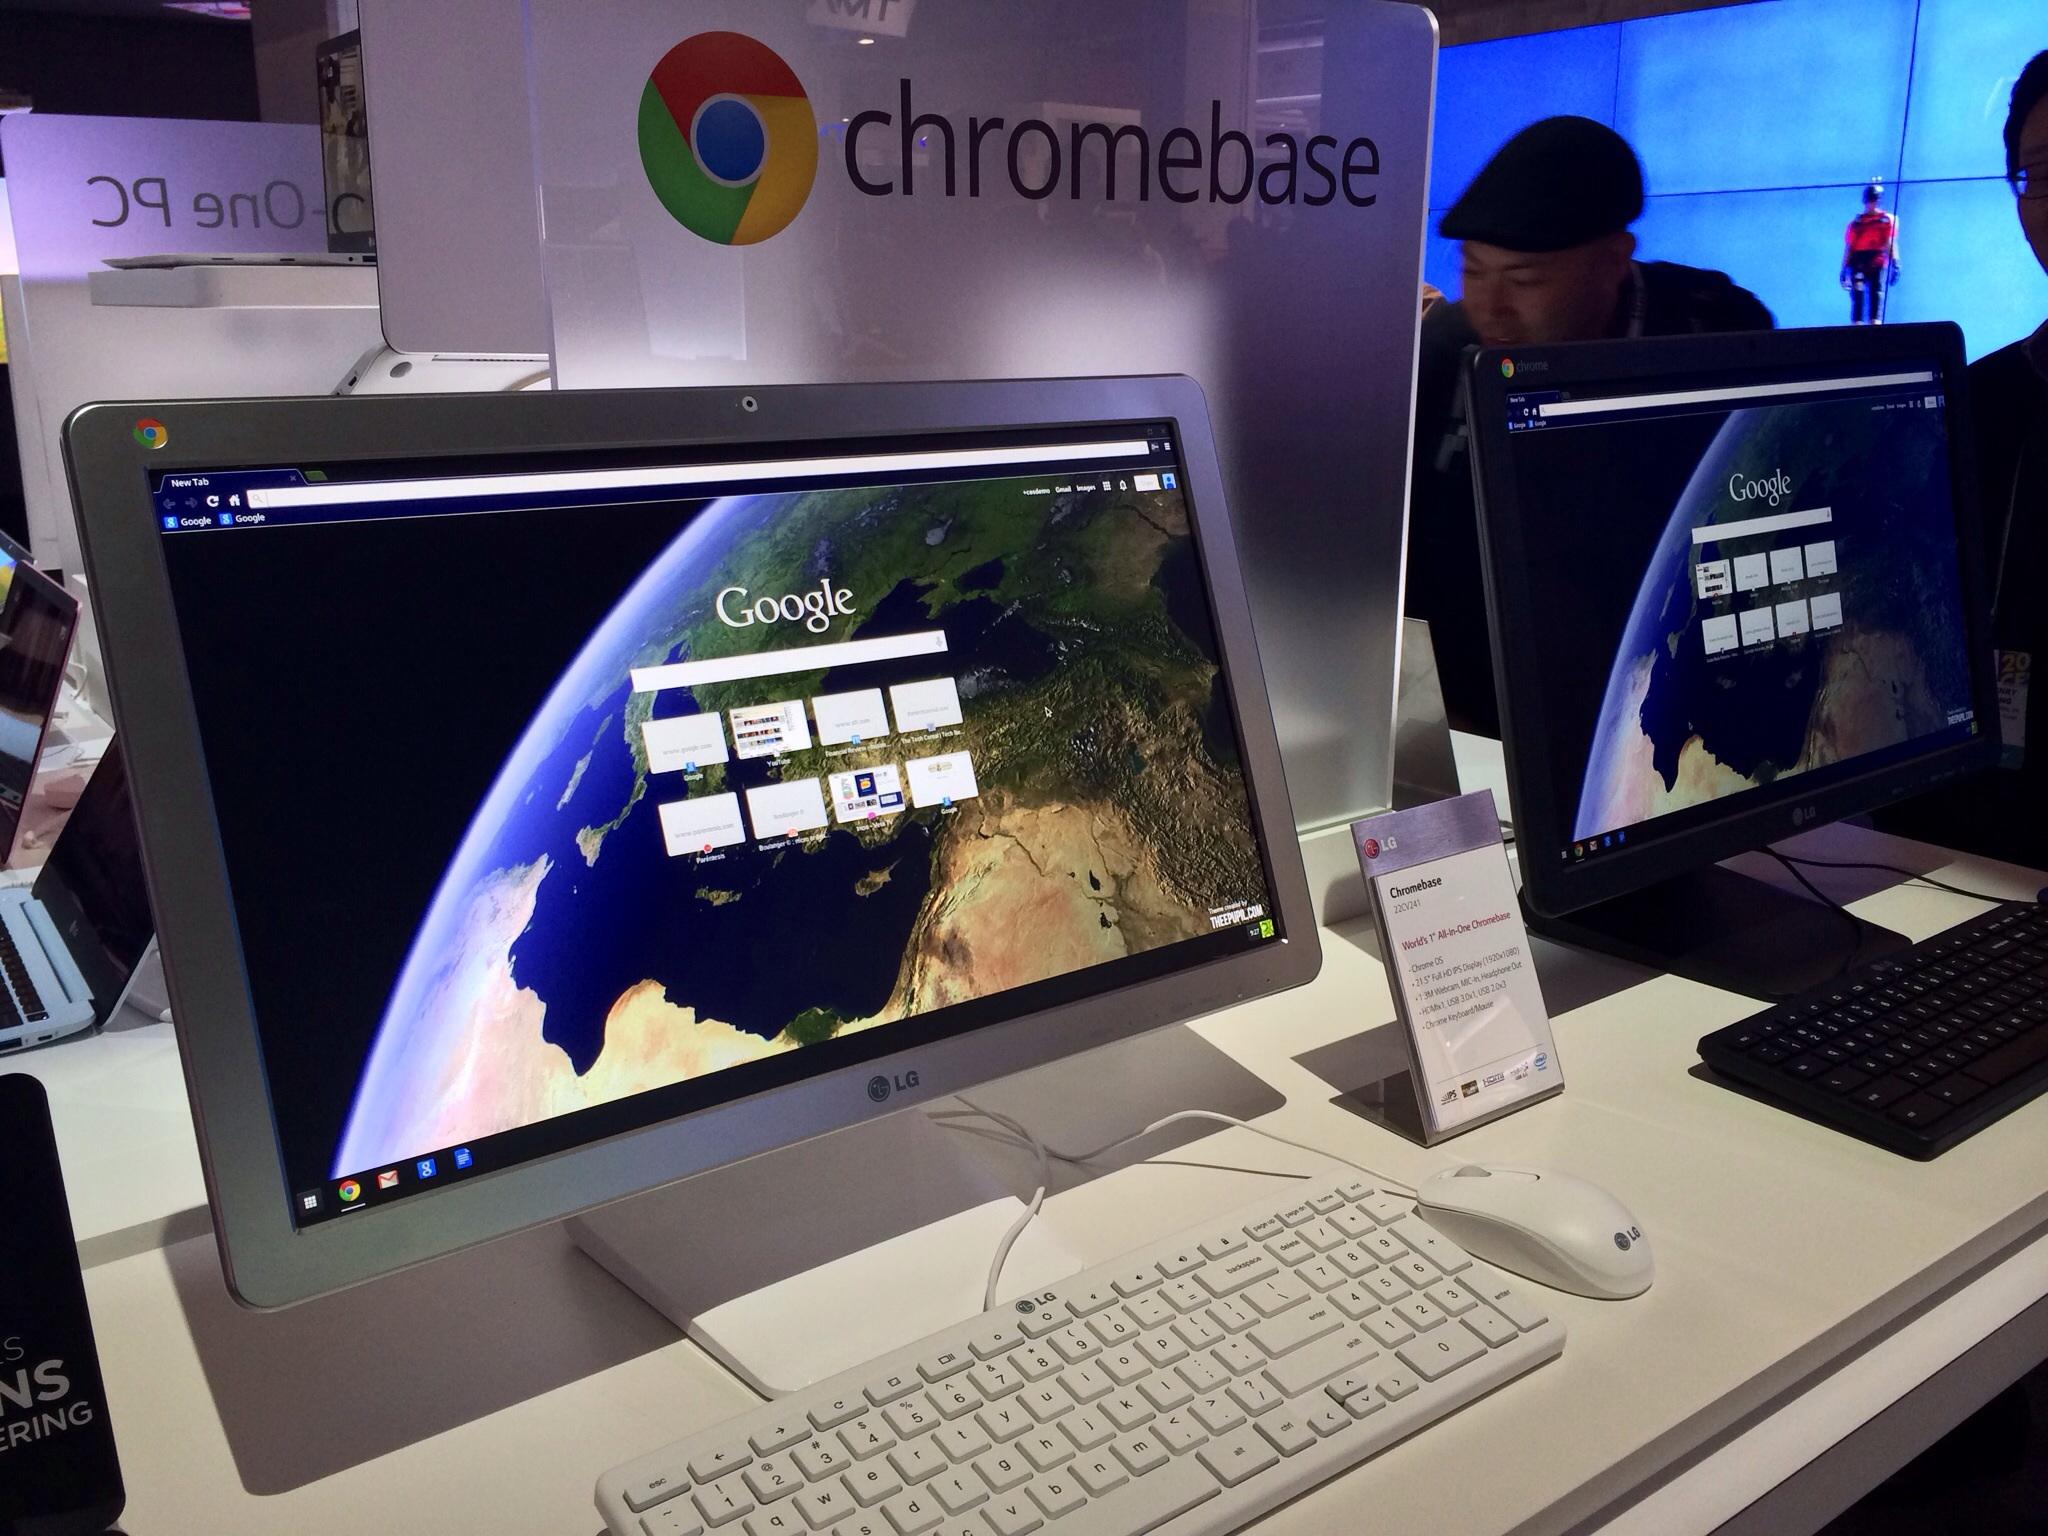 LG Chromebase octane